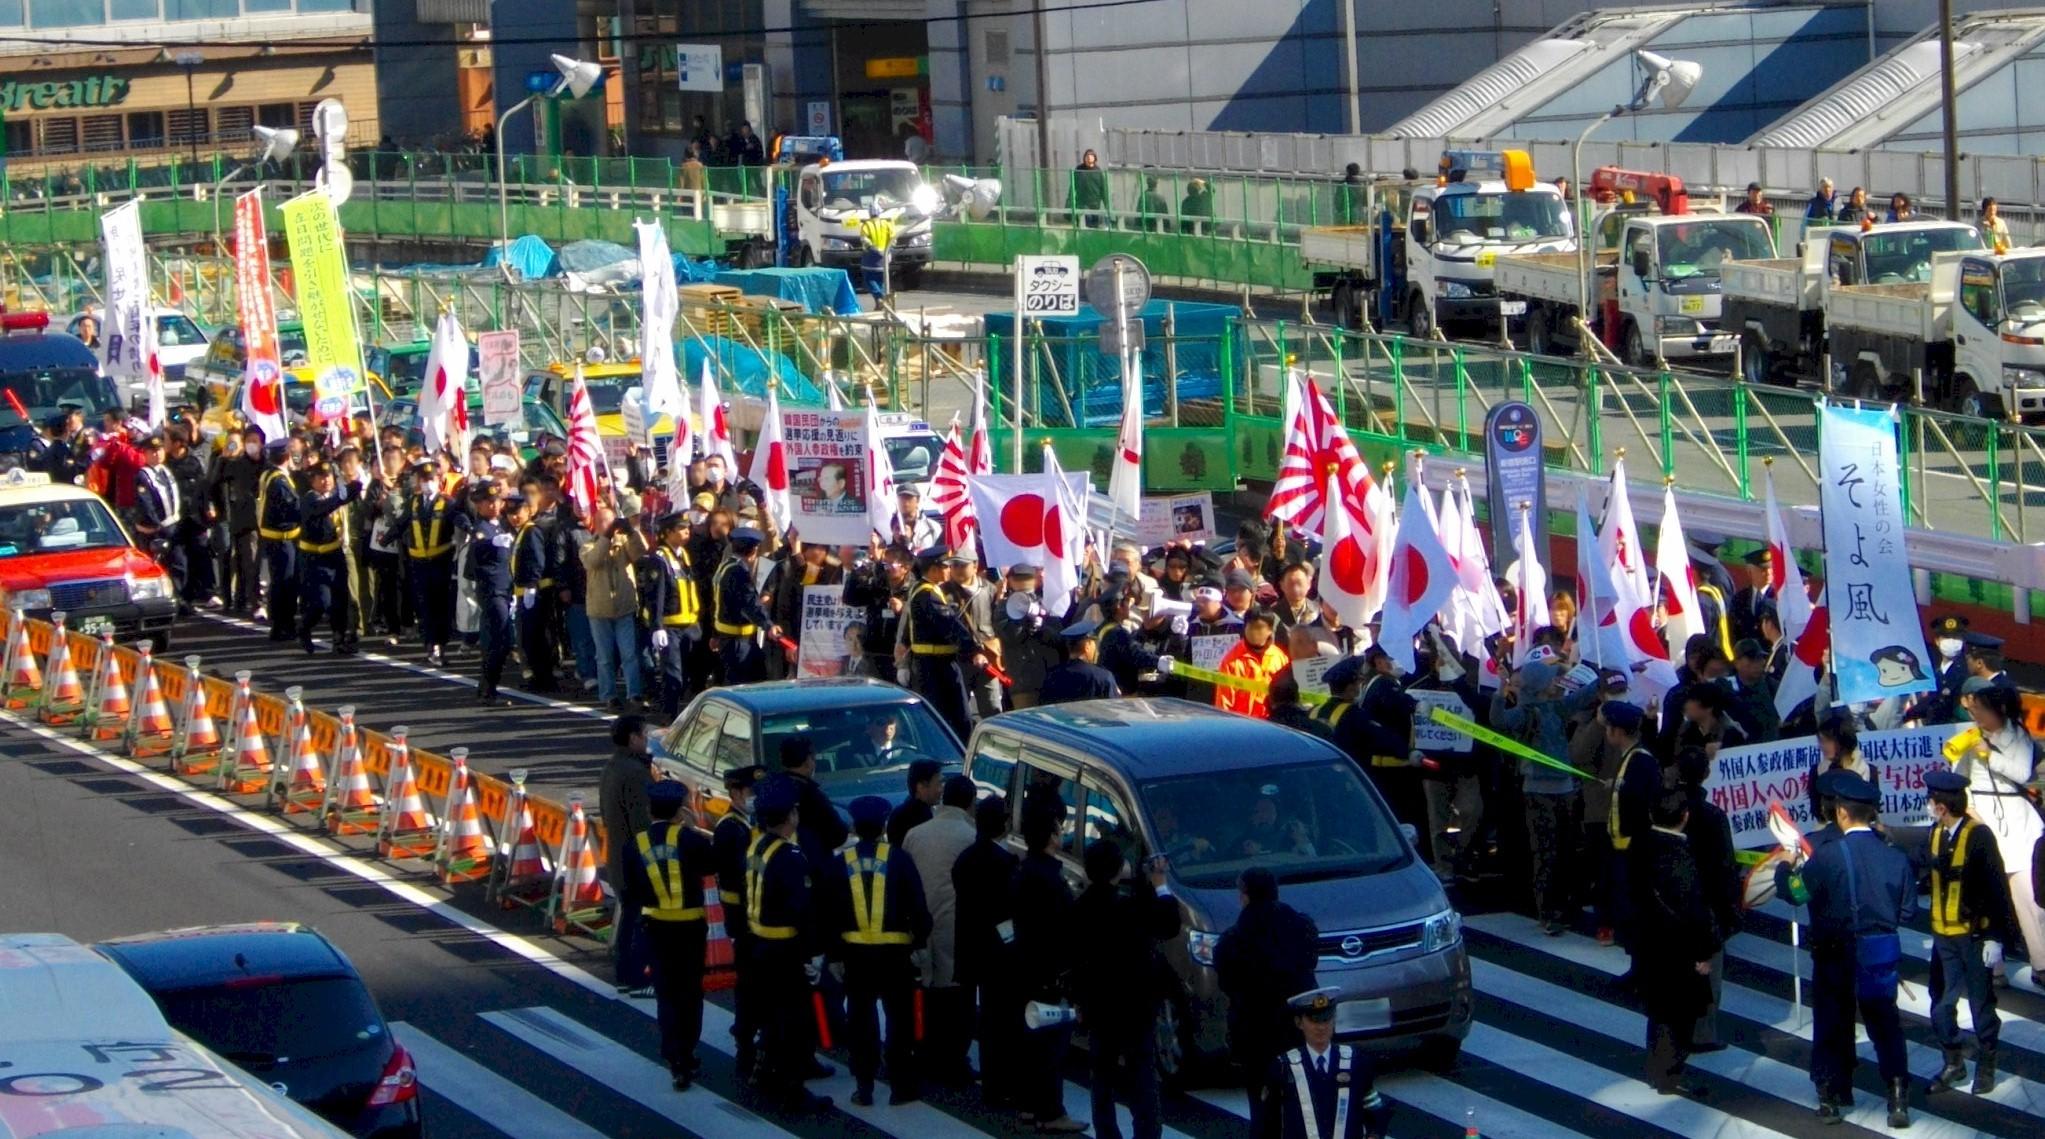 https://commons.wikimedia.org/wiki/File:Zaitokukai_rally_at_Shinjuku_on_24_January_2010.JPG